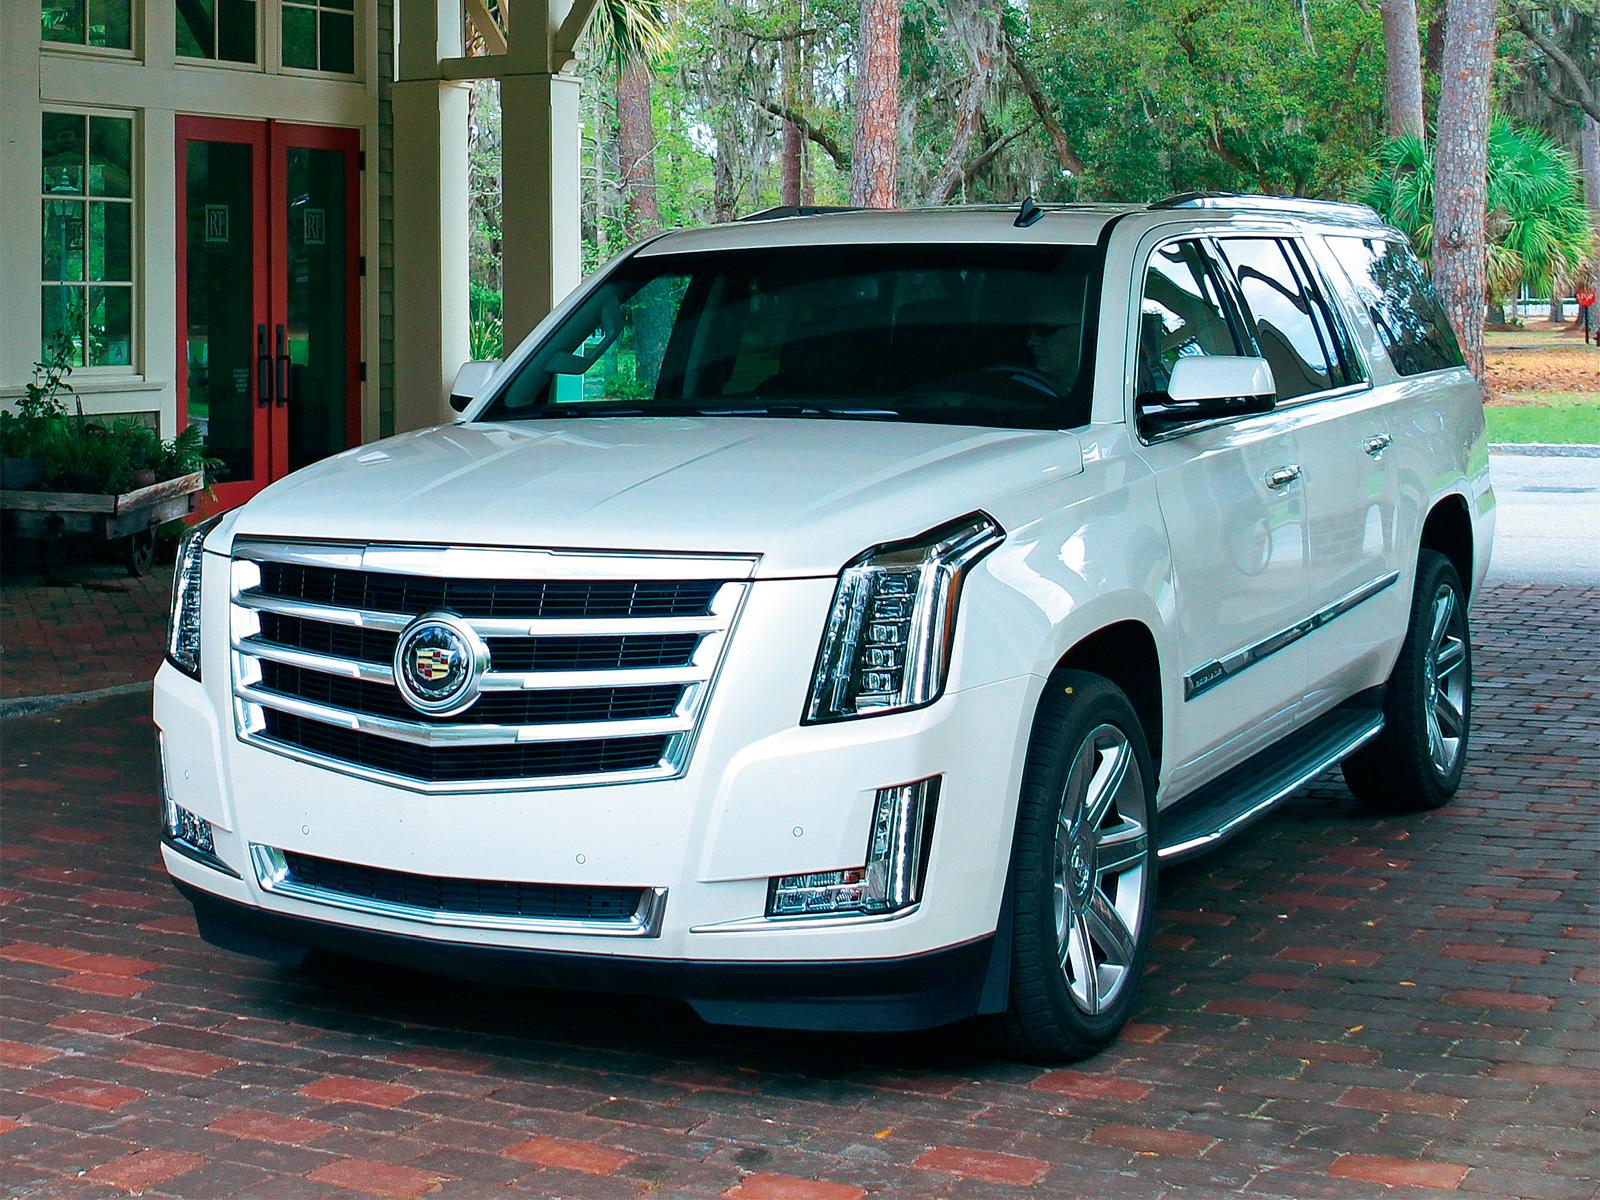 Новый Cadillac Escalade - тест-драйв - журнал За рулем